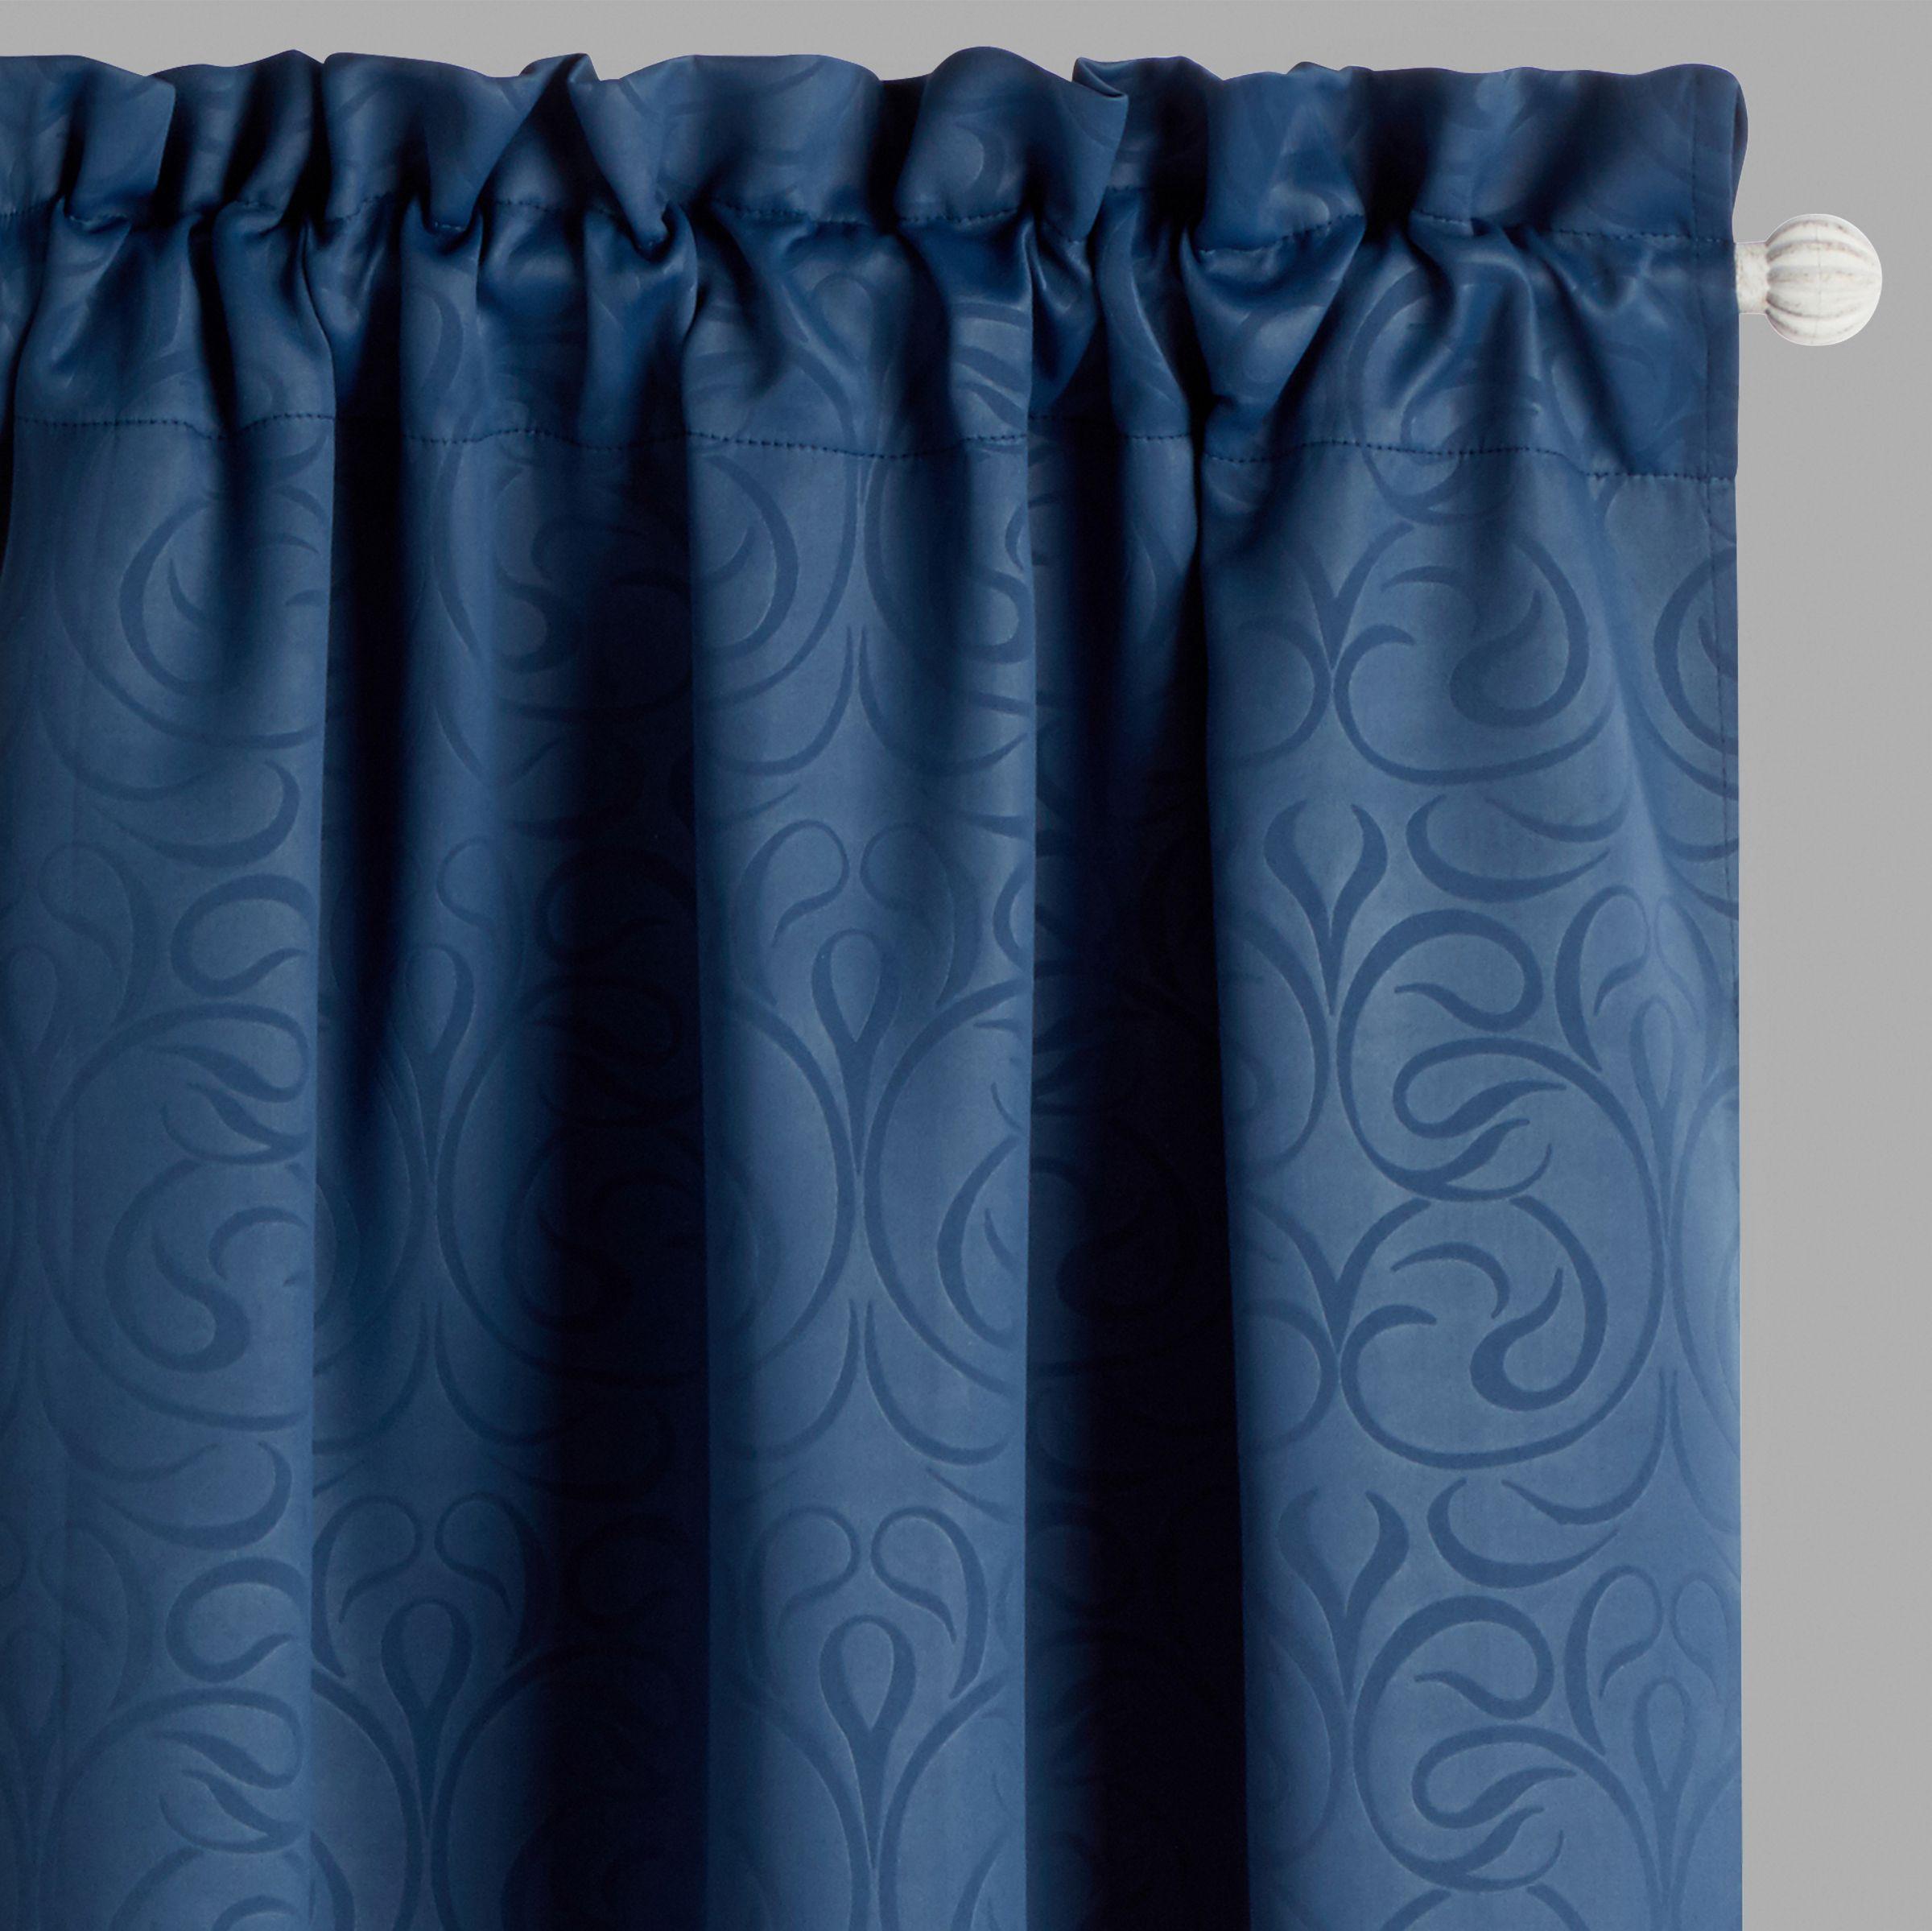 Scroll Embossed Room Darkening Window Curtains Set Of 2 Embossed